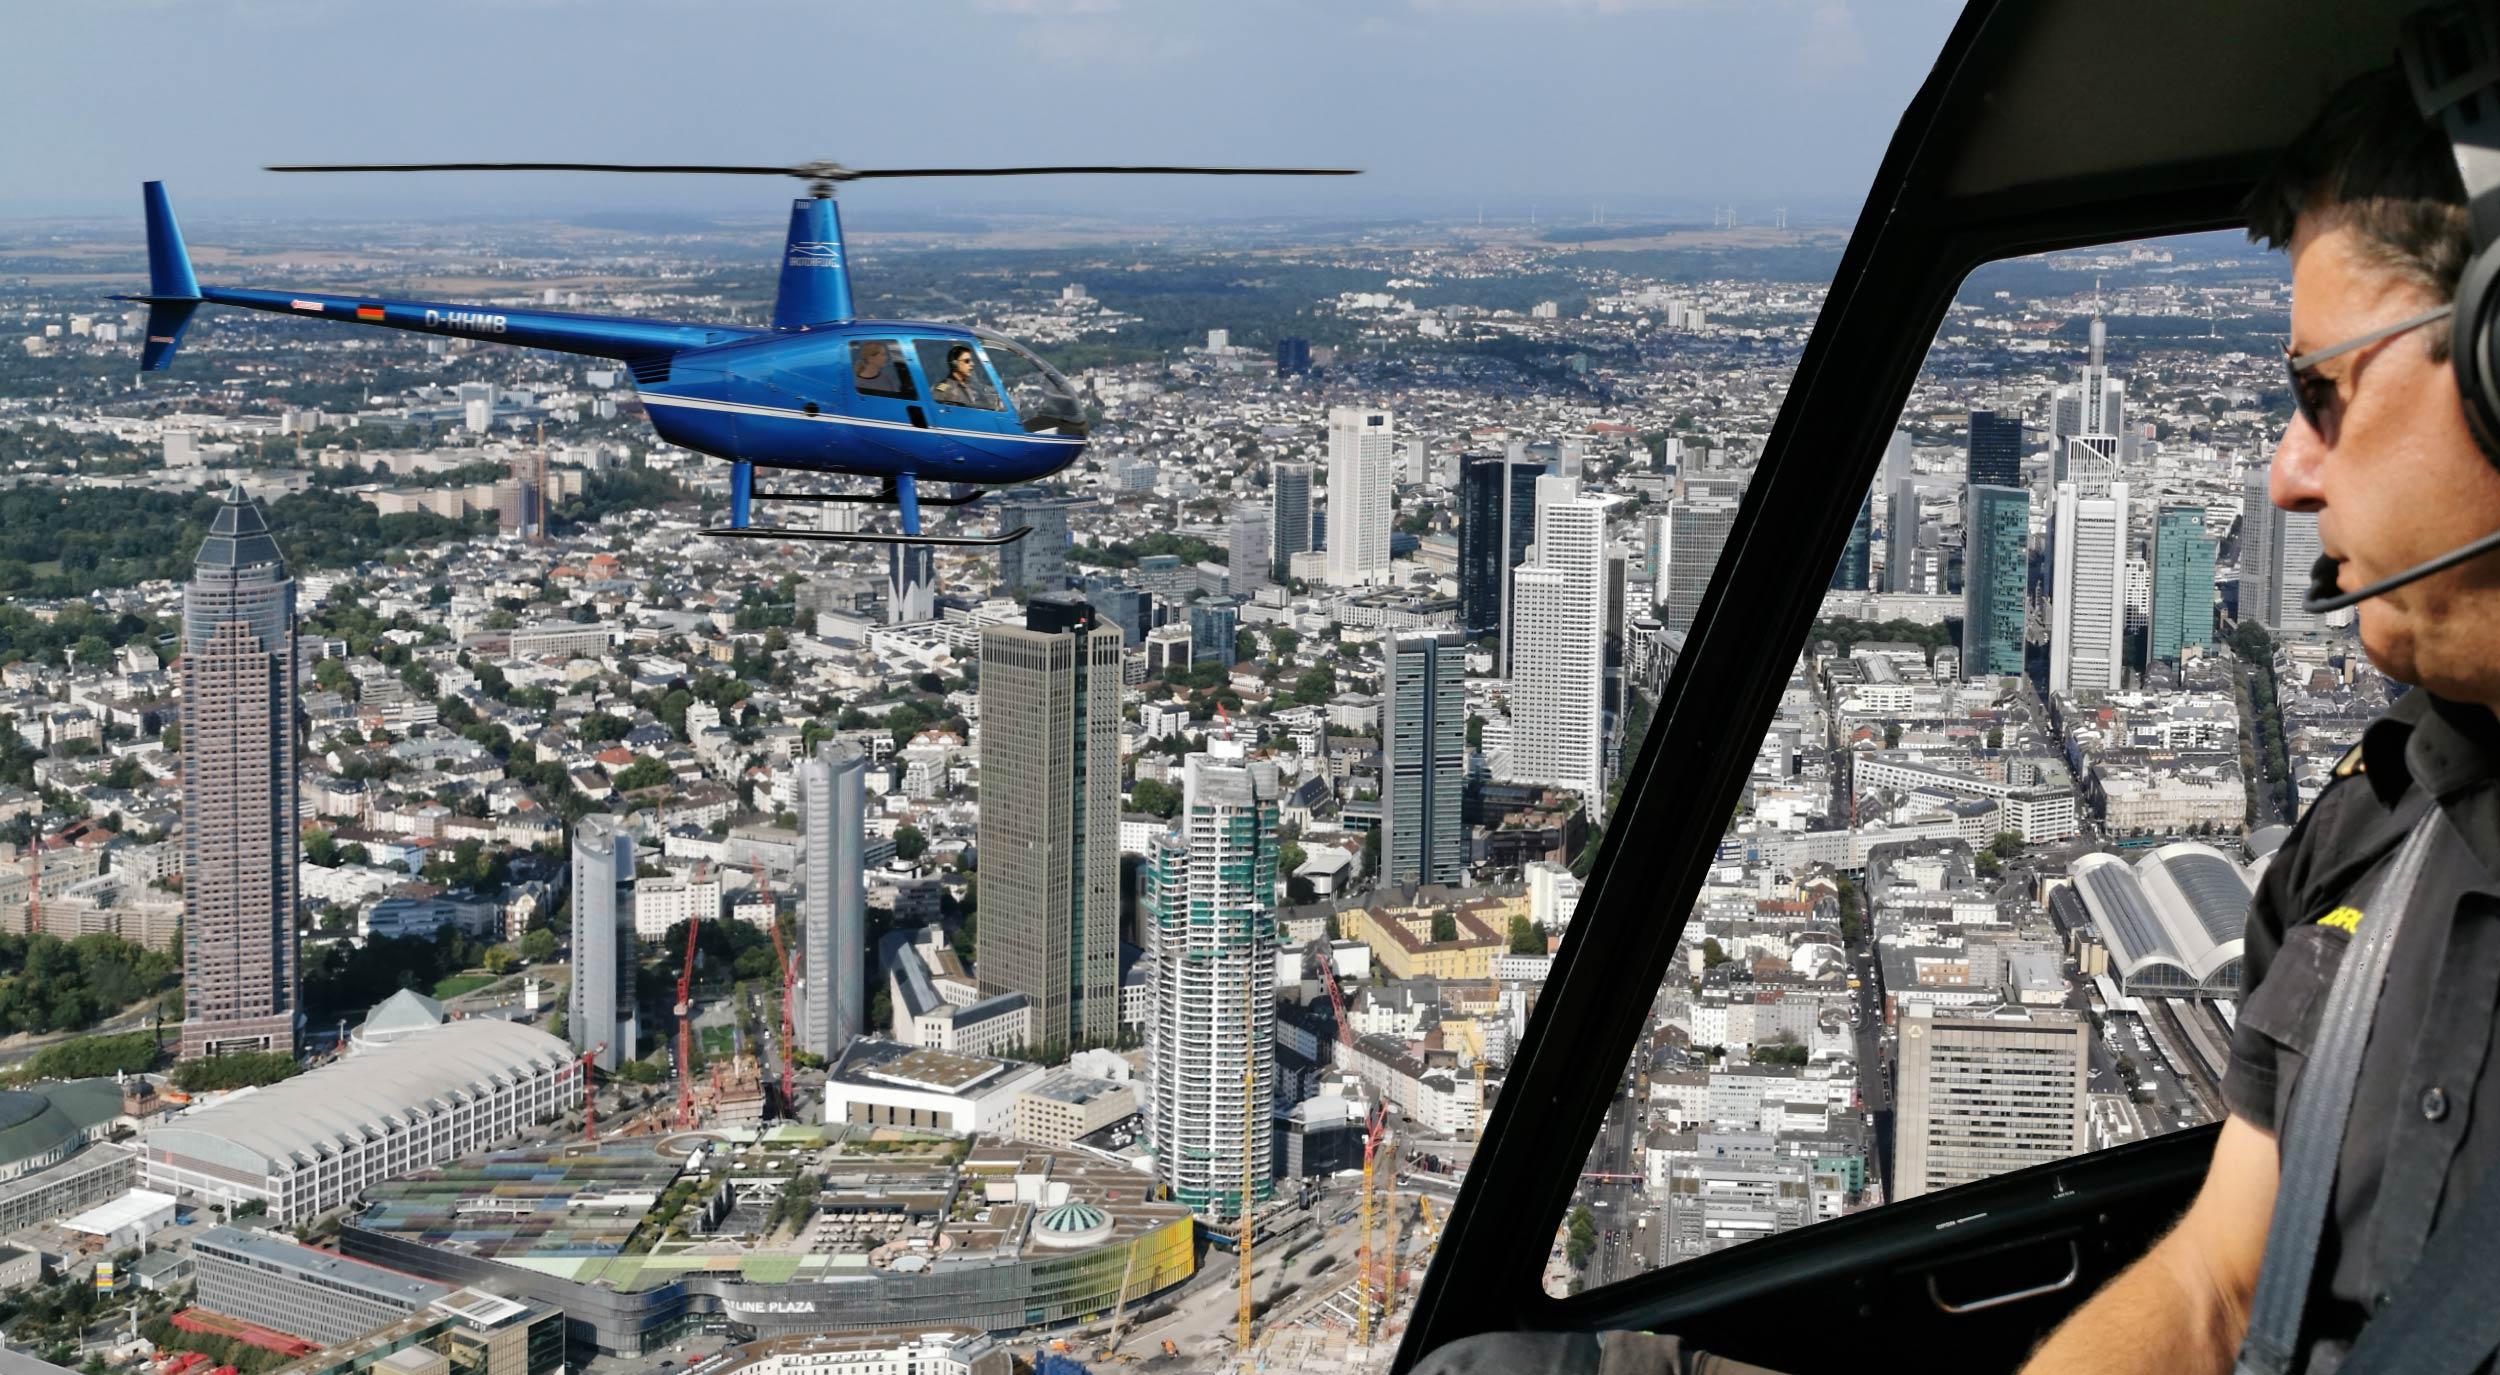 Frankfurt Helikopter Rundflug - mit dem Hubschrauber die Frankfurter Skyline abfliegen - Hochhäuser, Wolkenkratzer und Immobilien - Stadtführung aus der Luft